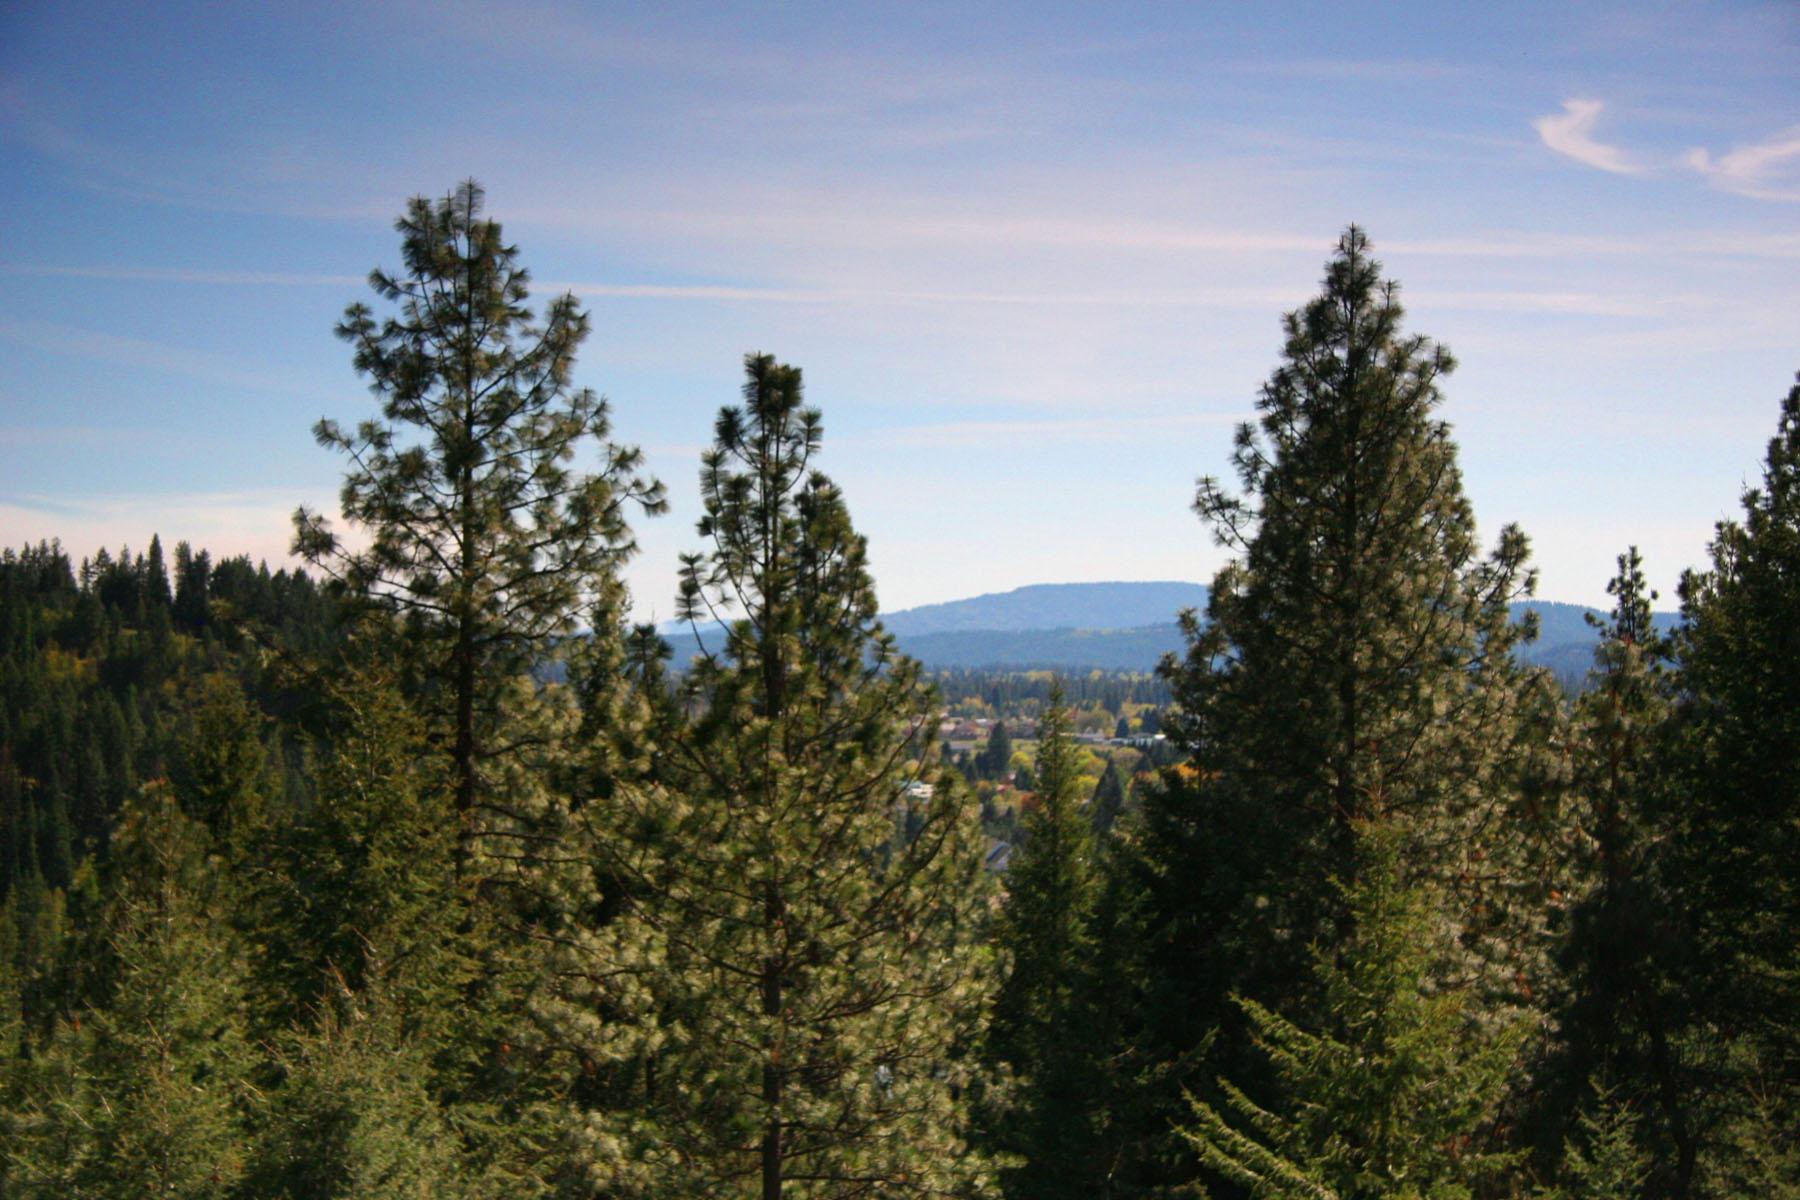 Terreno por un Venta en This 4.2 acres in Hayden is truly an amazing estate property! NNA 4.2 E Sundown Dr Hayden, Idaho, 83835 Estados Unidos